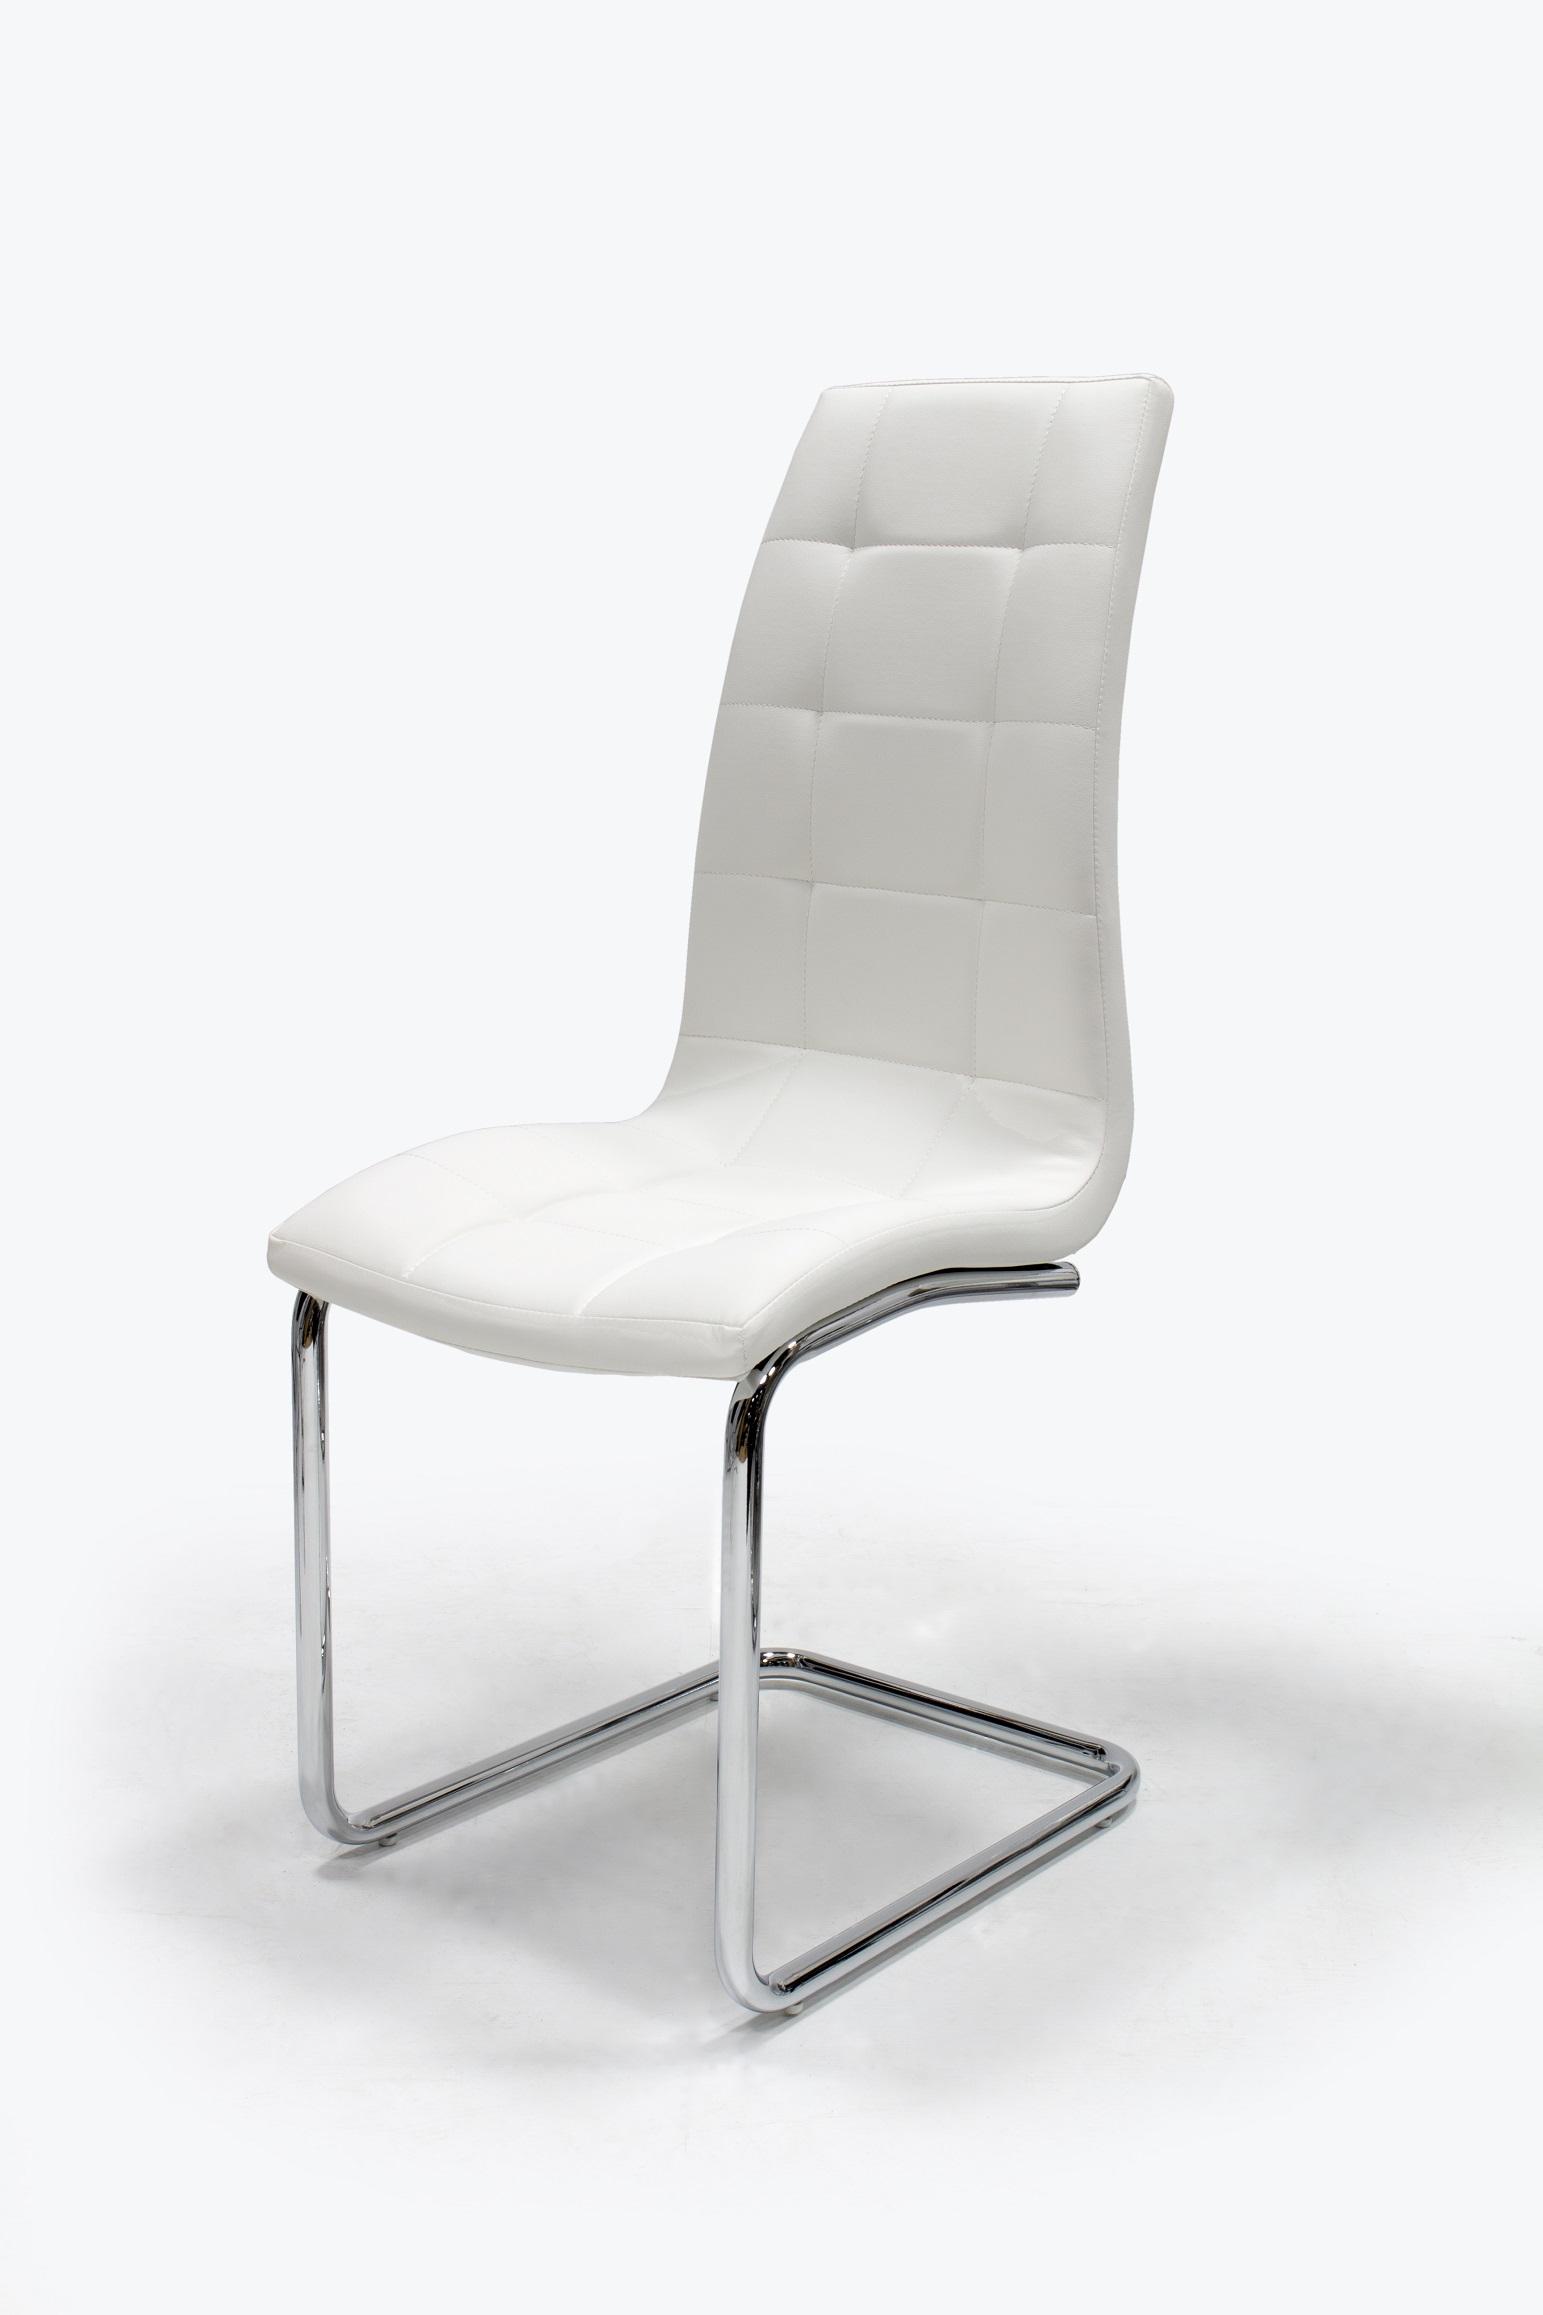 Kárpitmax Bútorbolt Debrecen, Miskolc - Emma szék, Étkező székek